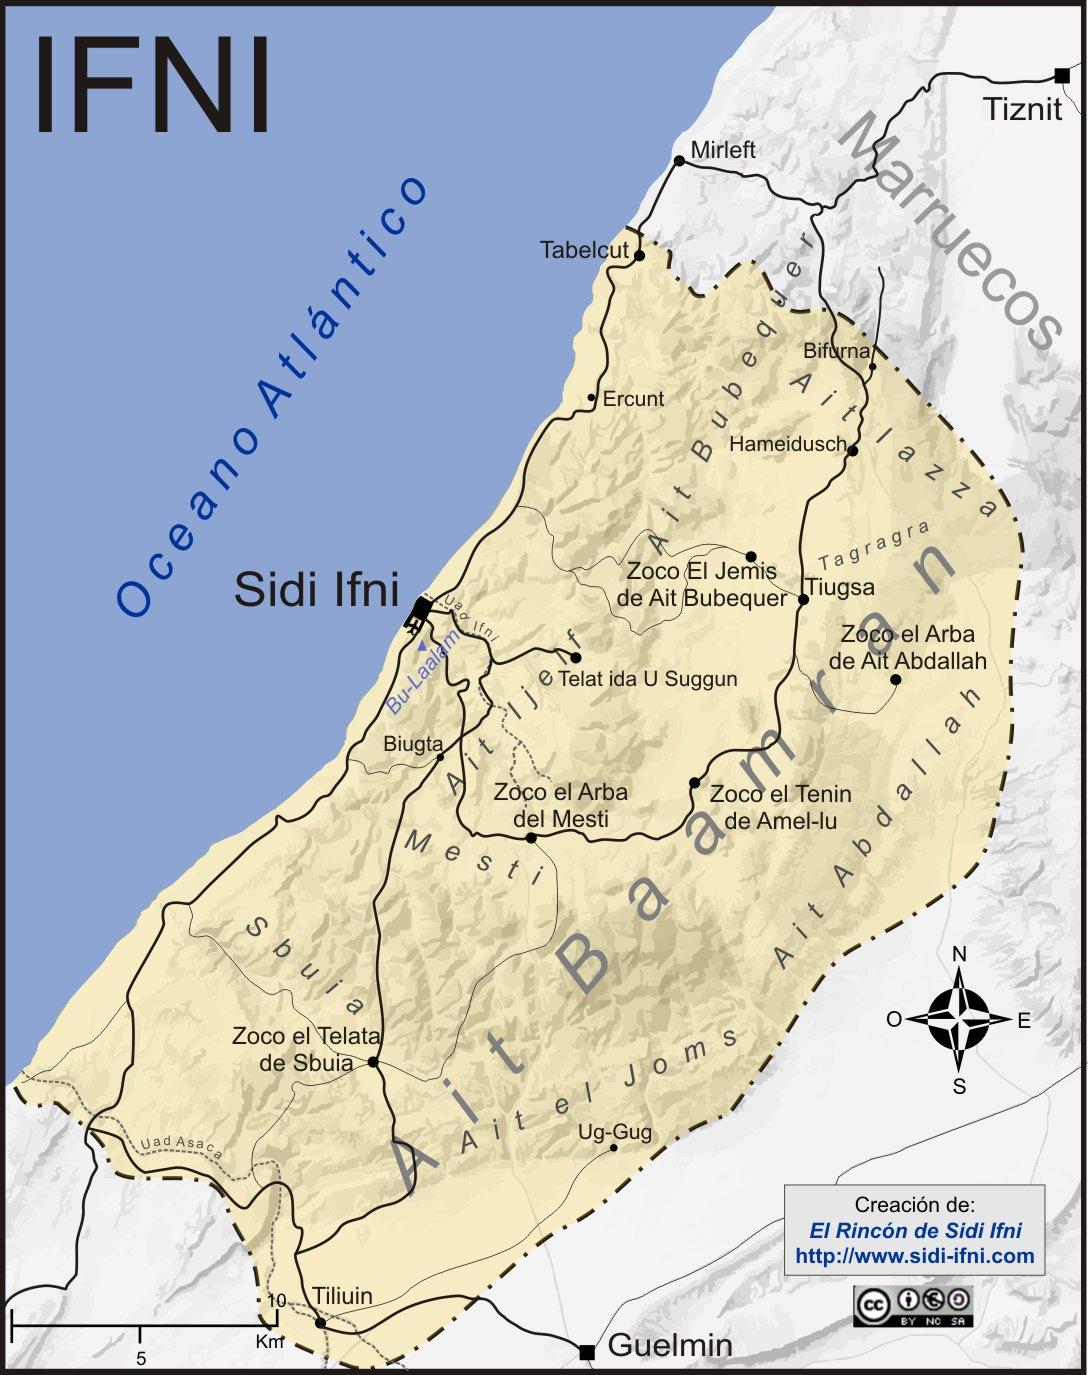 Mapa de Ifni en la etapa colonial.